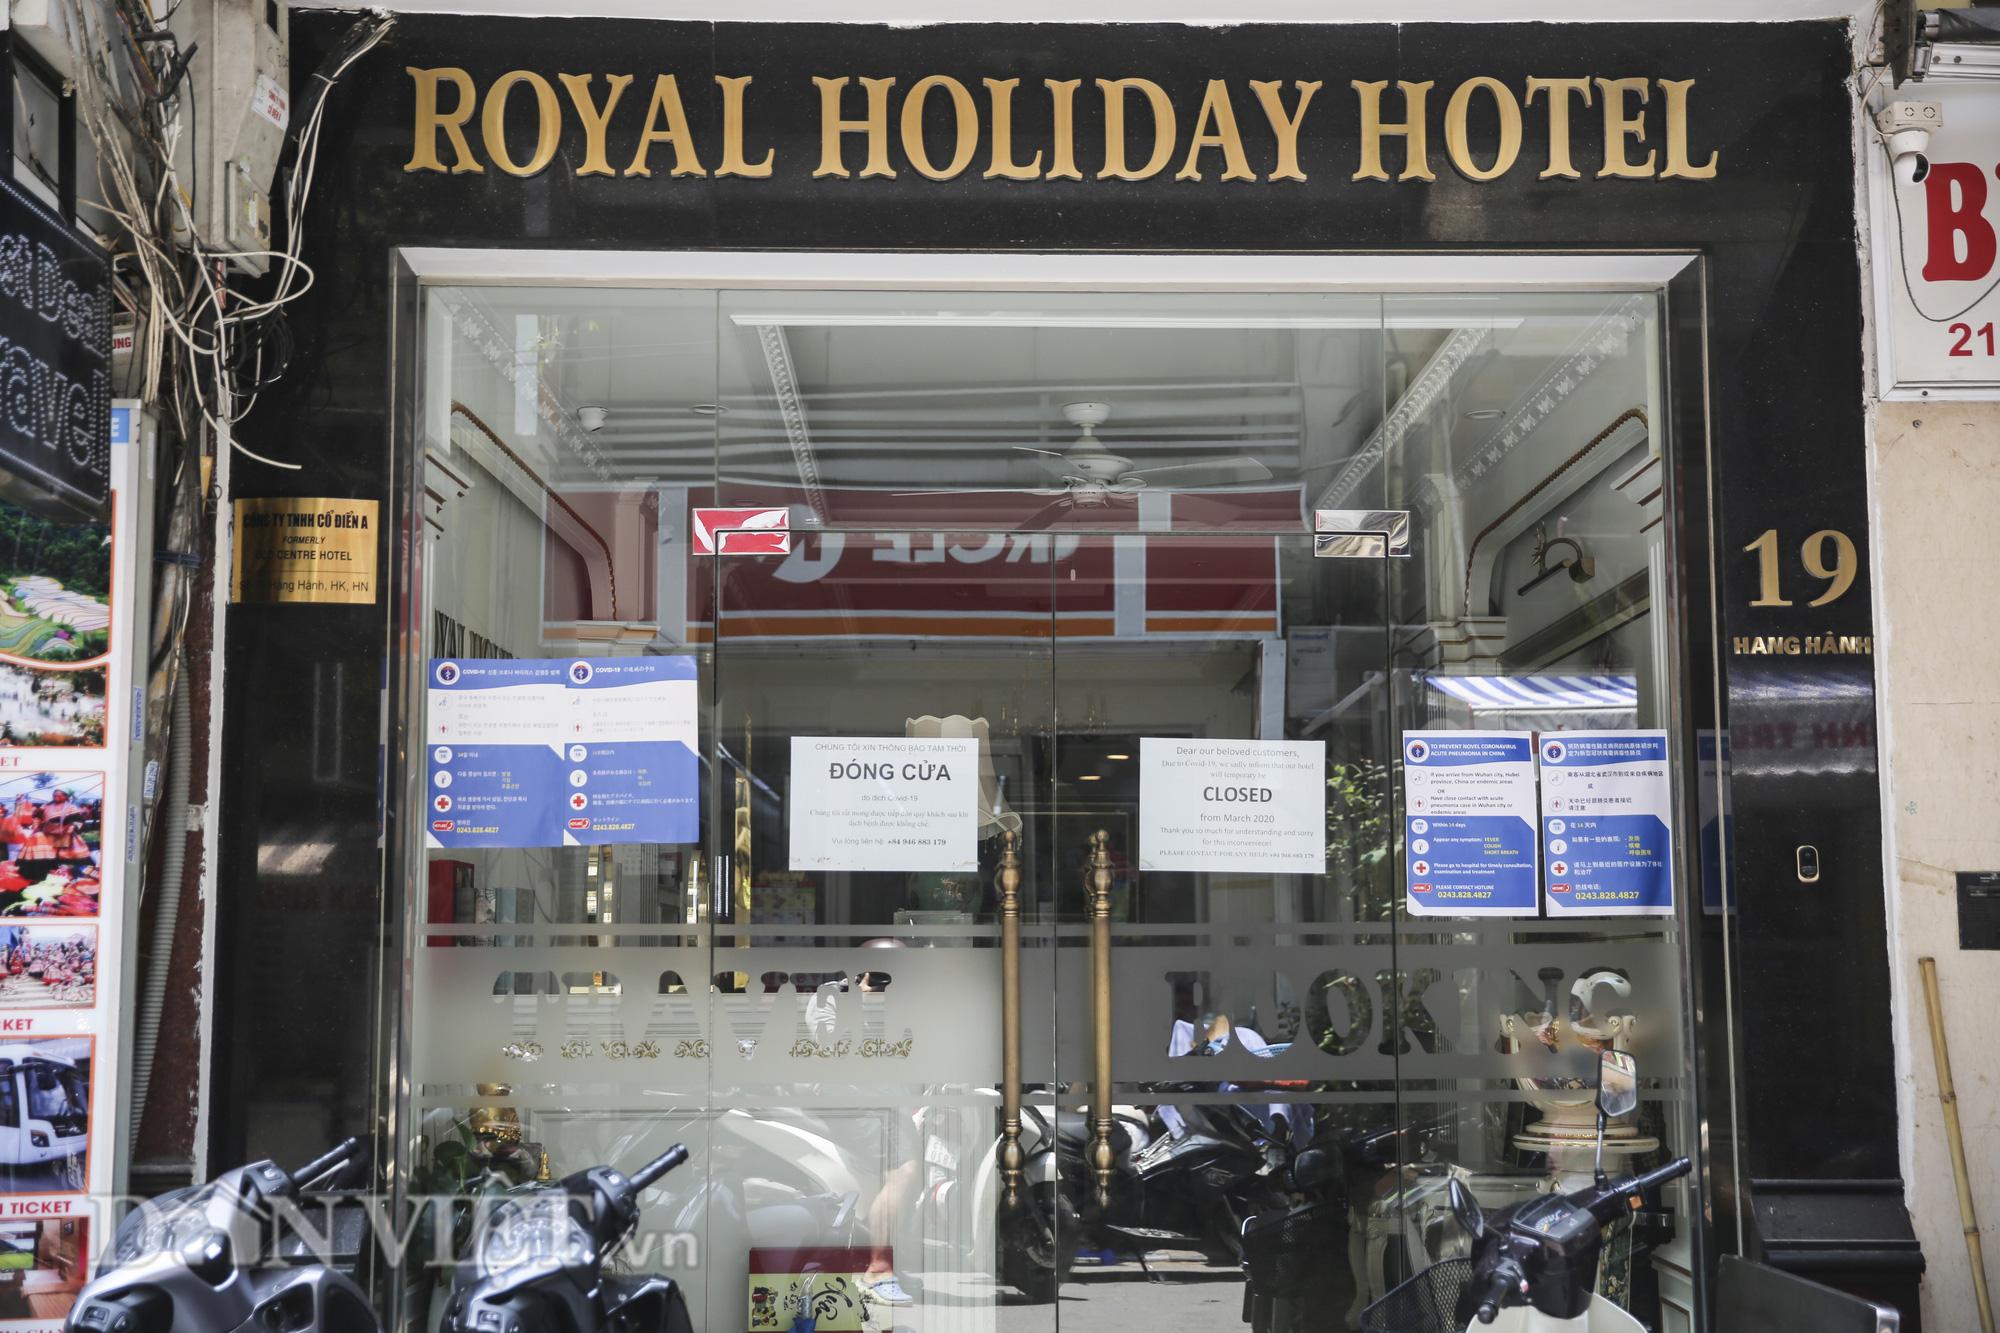 Nhiều khách sạn tại Hà Nội chưa thể mở cửa sau dịch Covid-19 - Ảnh 9.